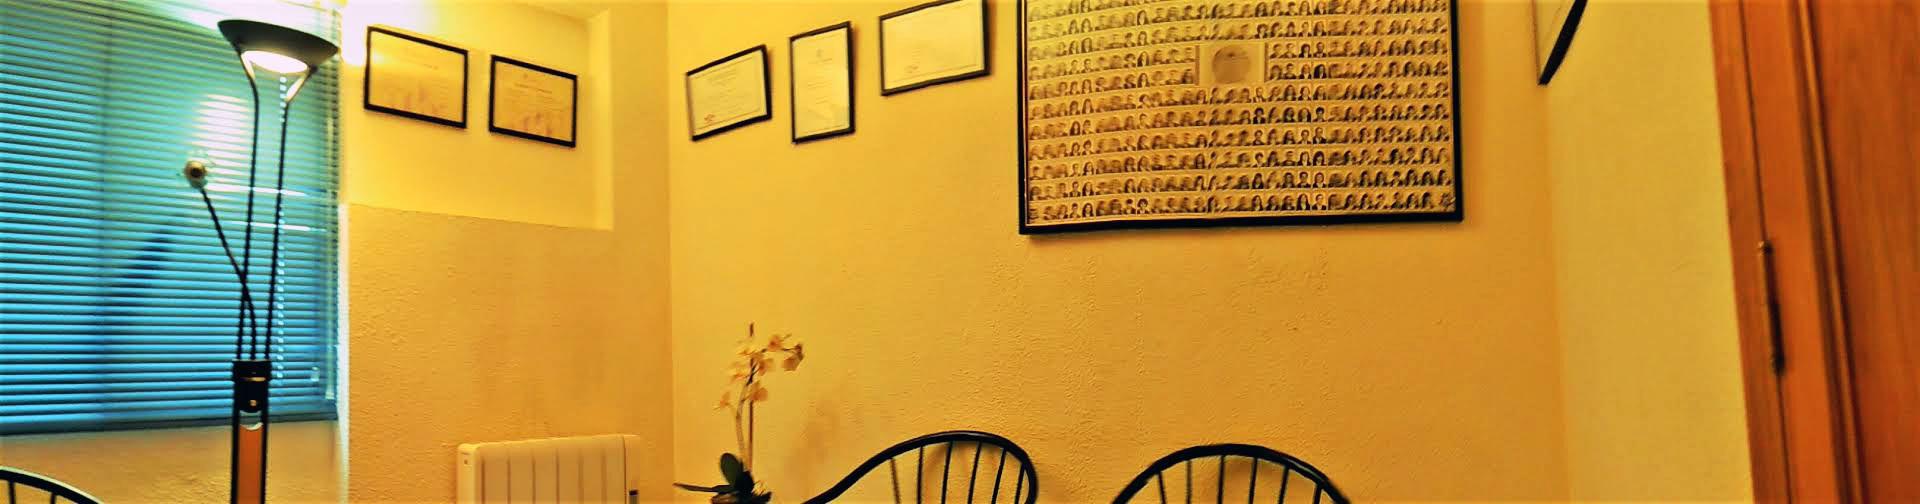 Sala de espera de consultorio de Froilan